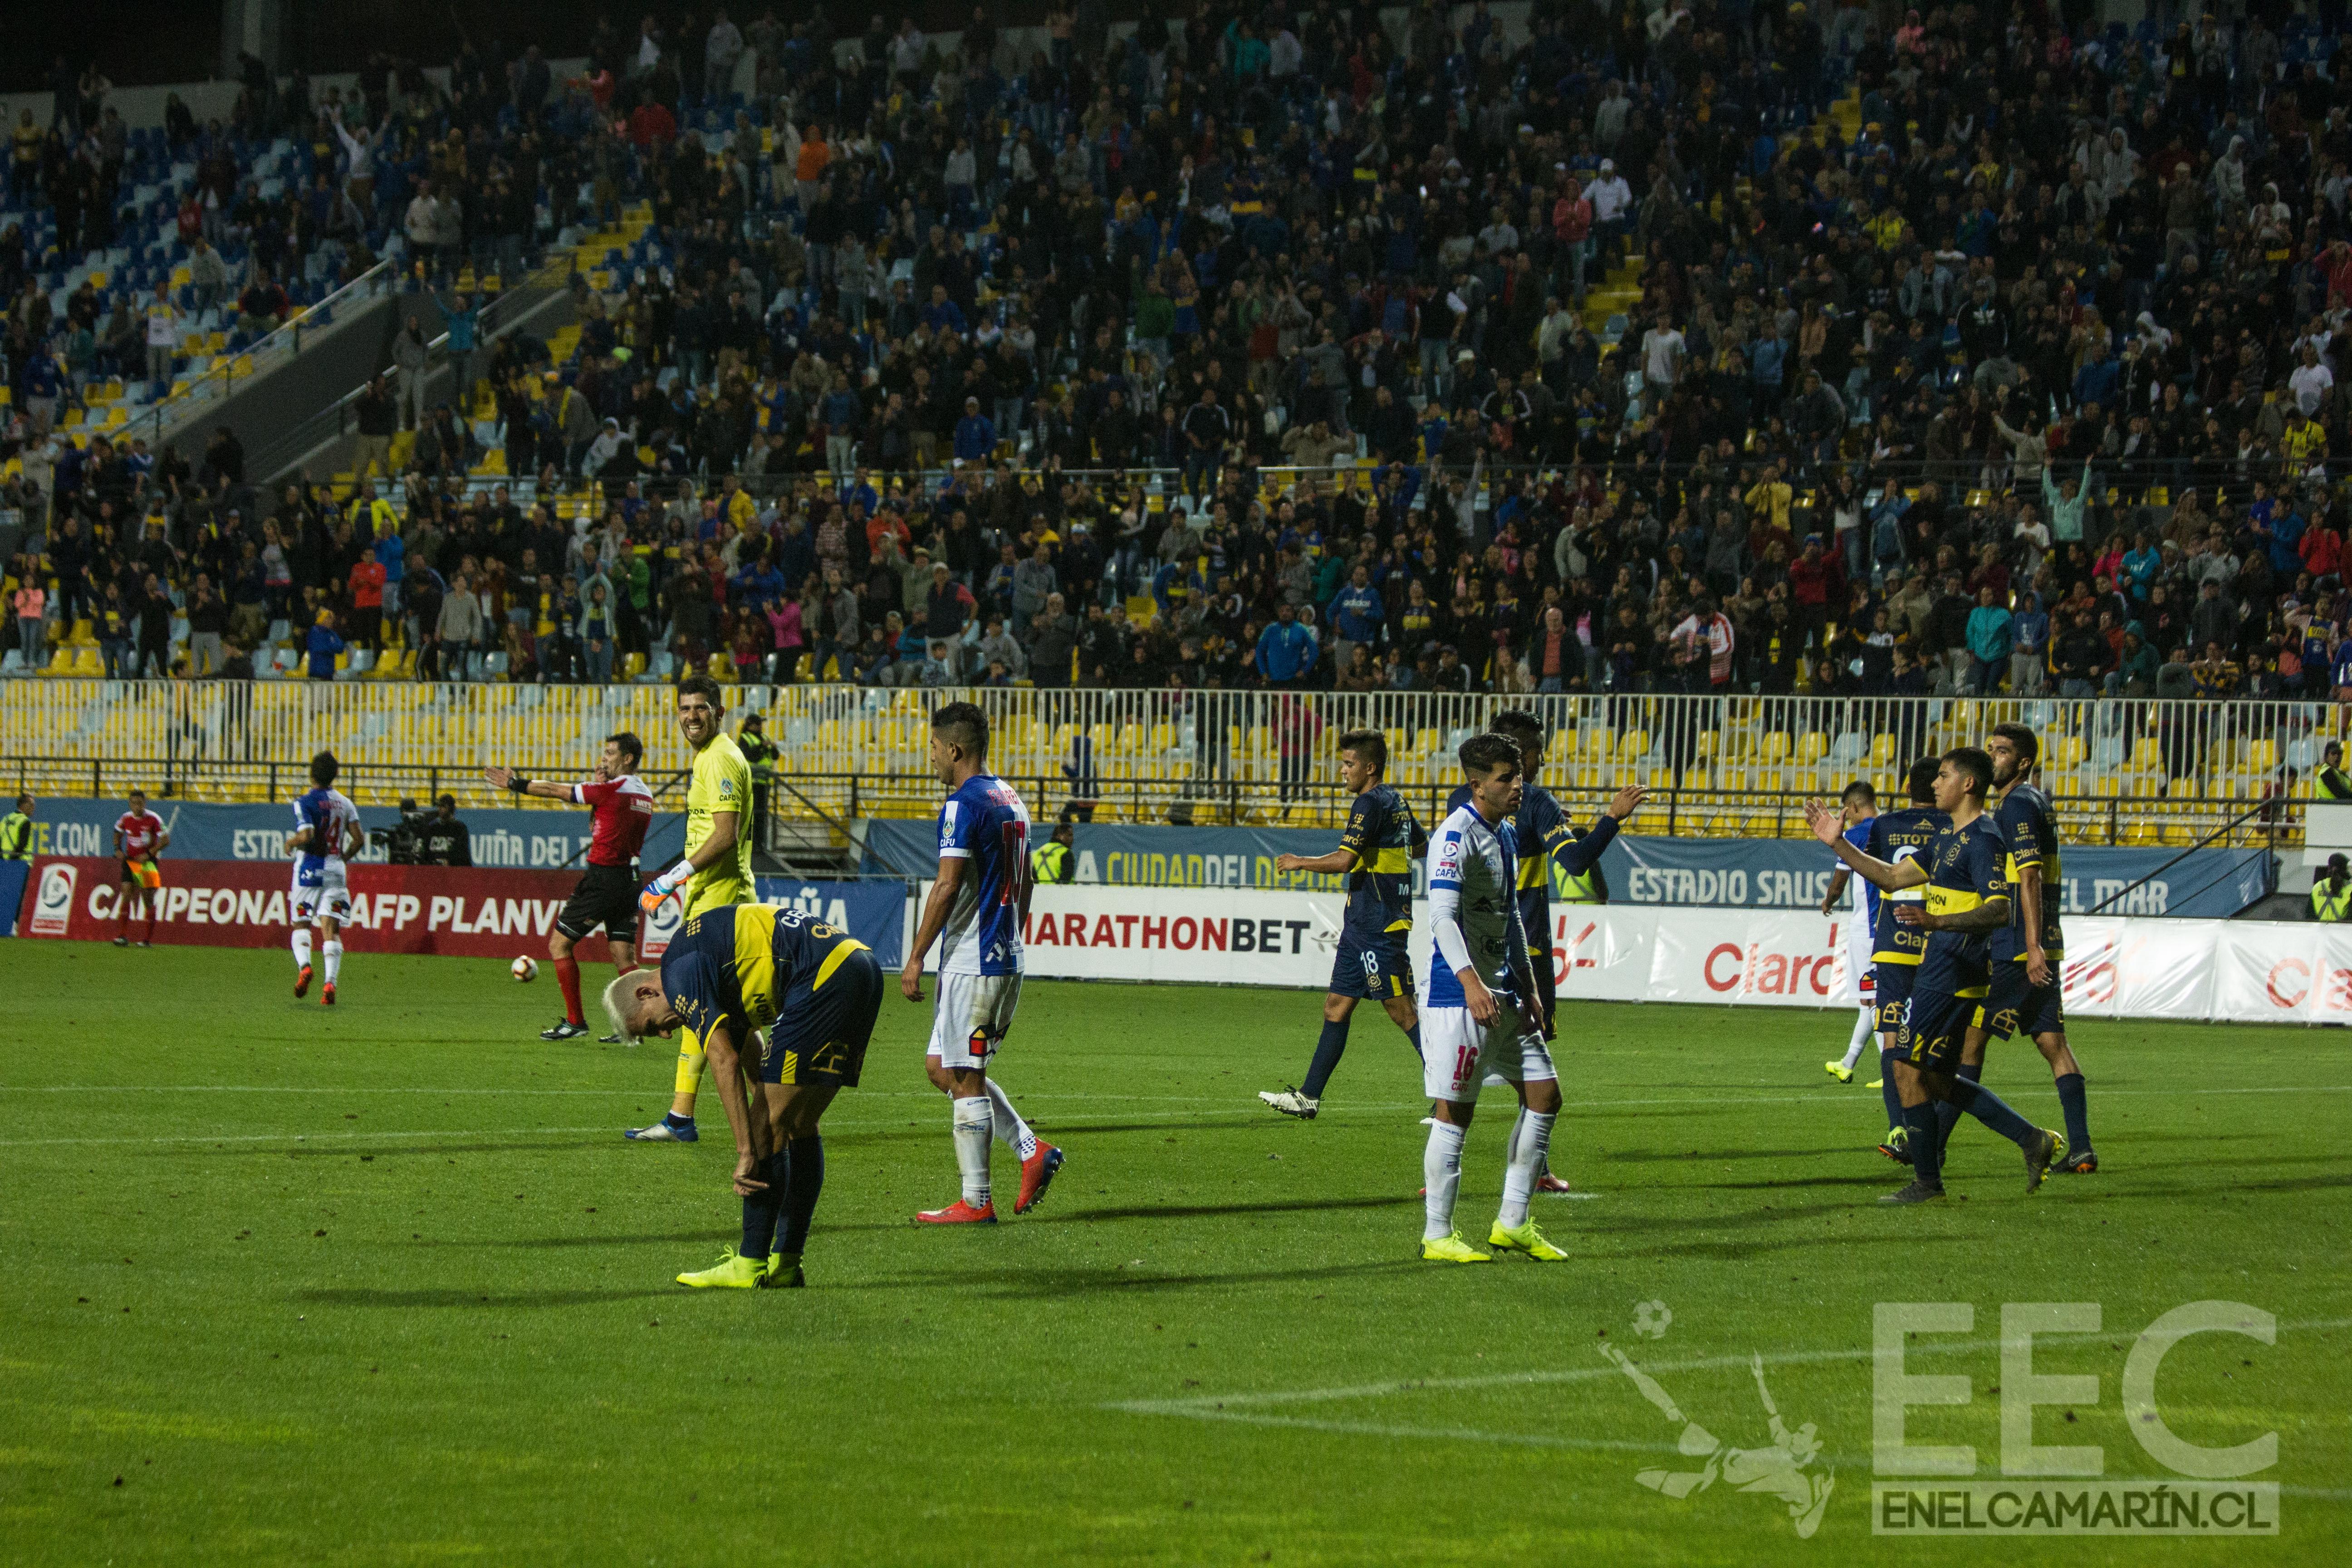 Everton 1-0 Deportes Amtofagasta